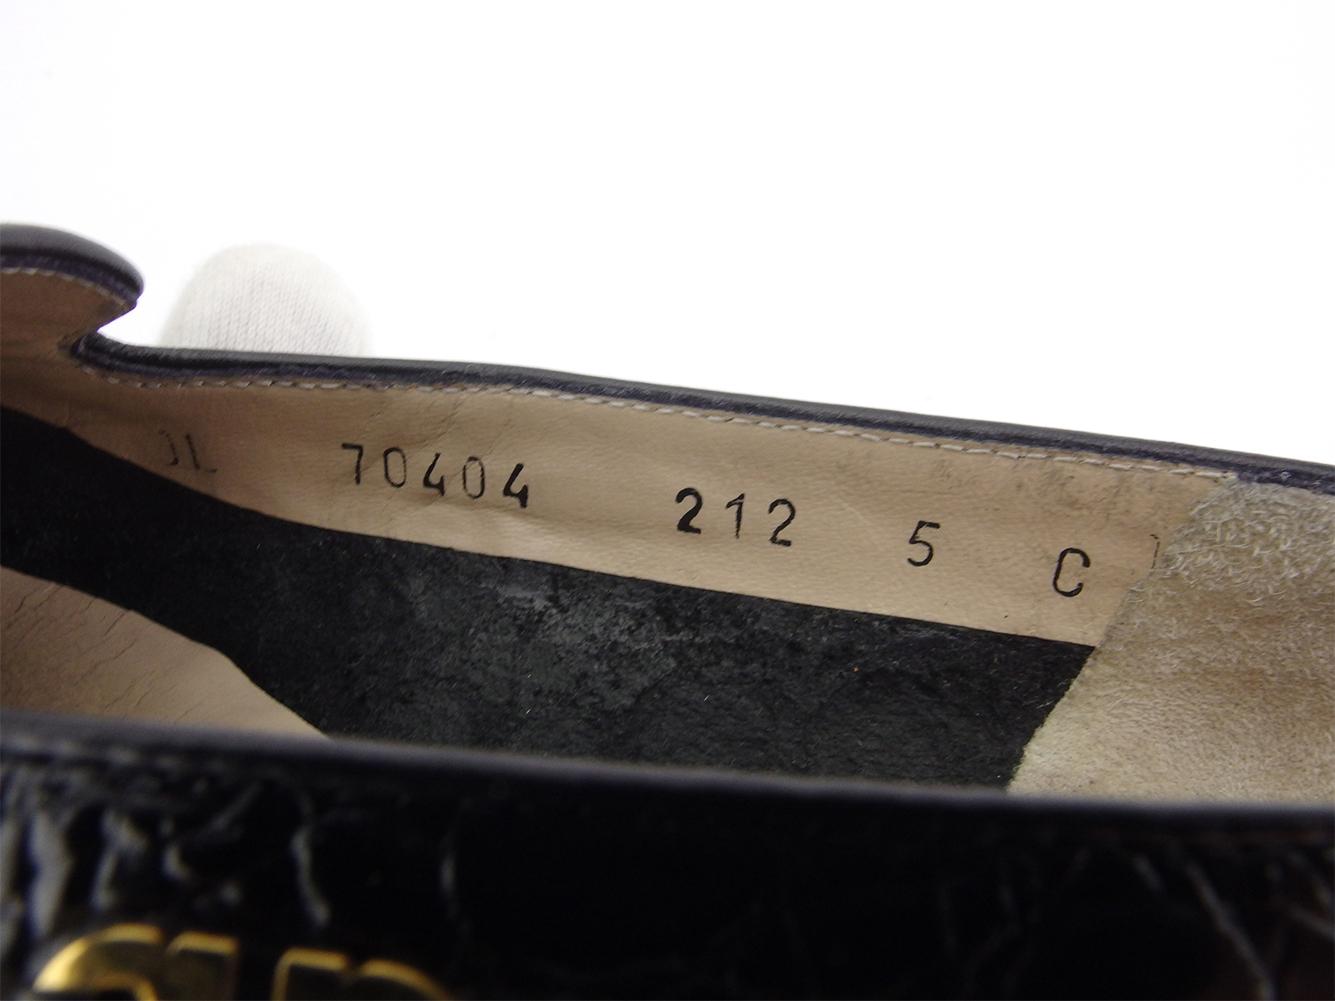 サルヴァトーレ フェラガモ ローファー シューズ 靴 レディース ♯5C パンプス ガンチーニ クロコ調 ブラック ゴールド 型押しレザー Salvatore Ferragamo D2175Yb6y7vfg